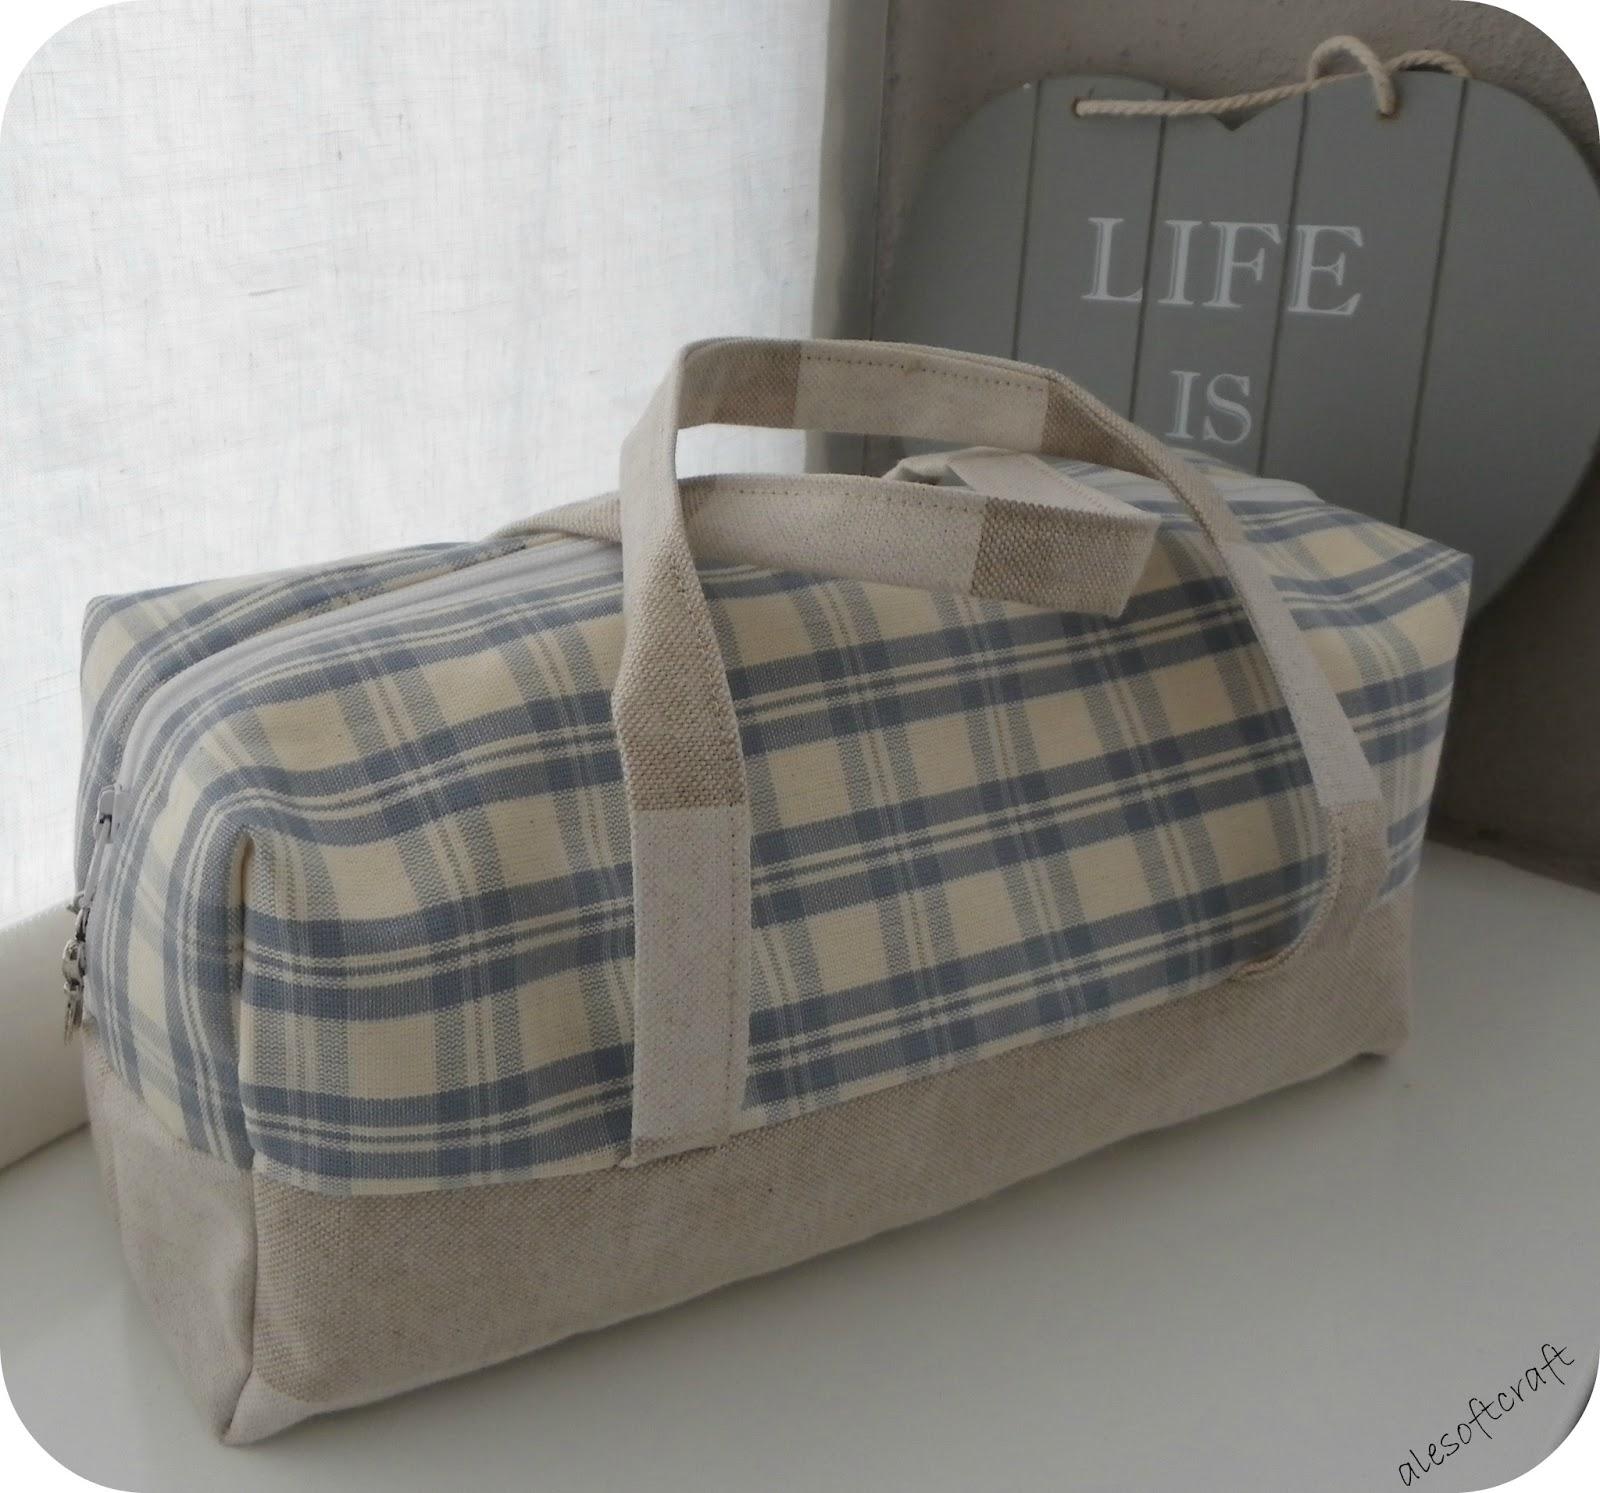 come rendere rigida una borsa di stoffa